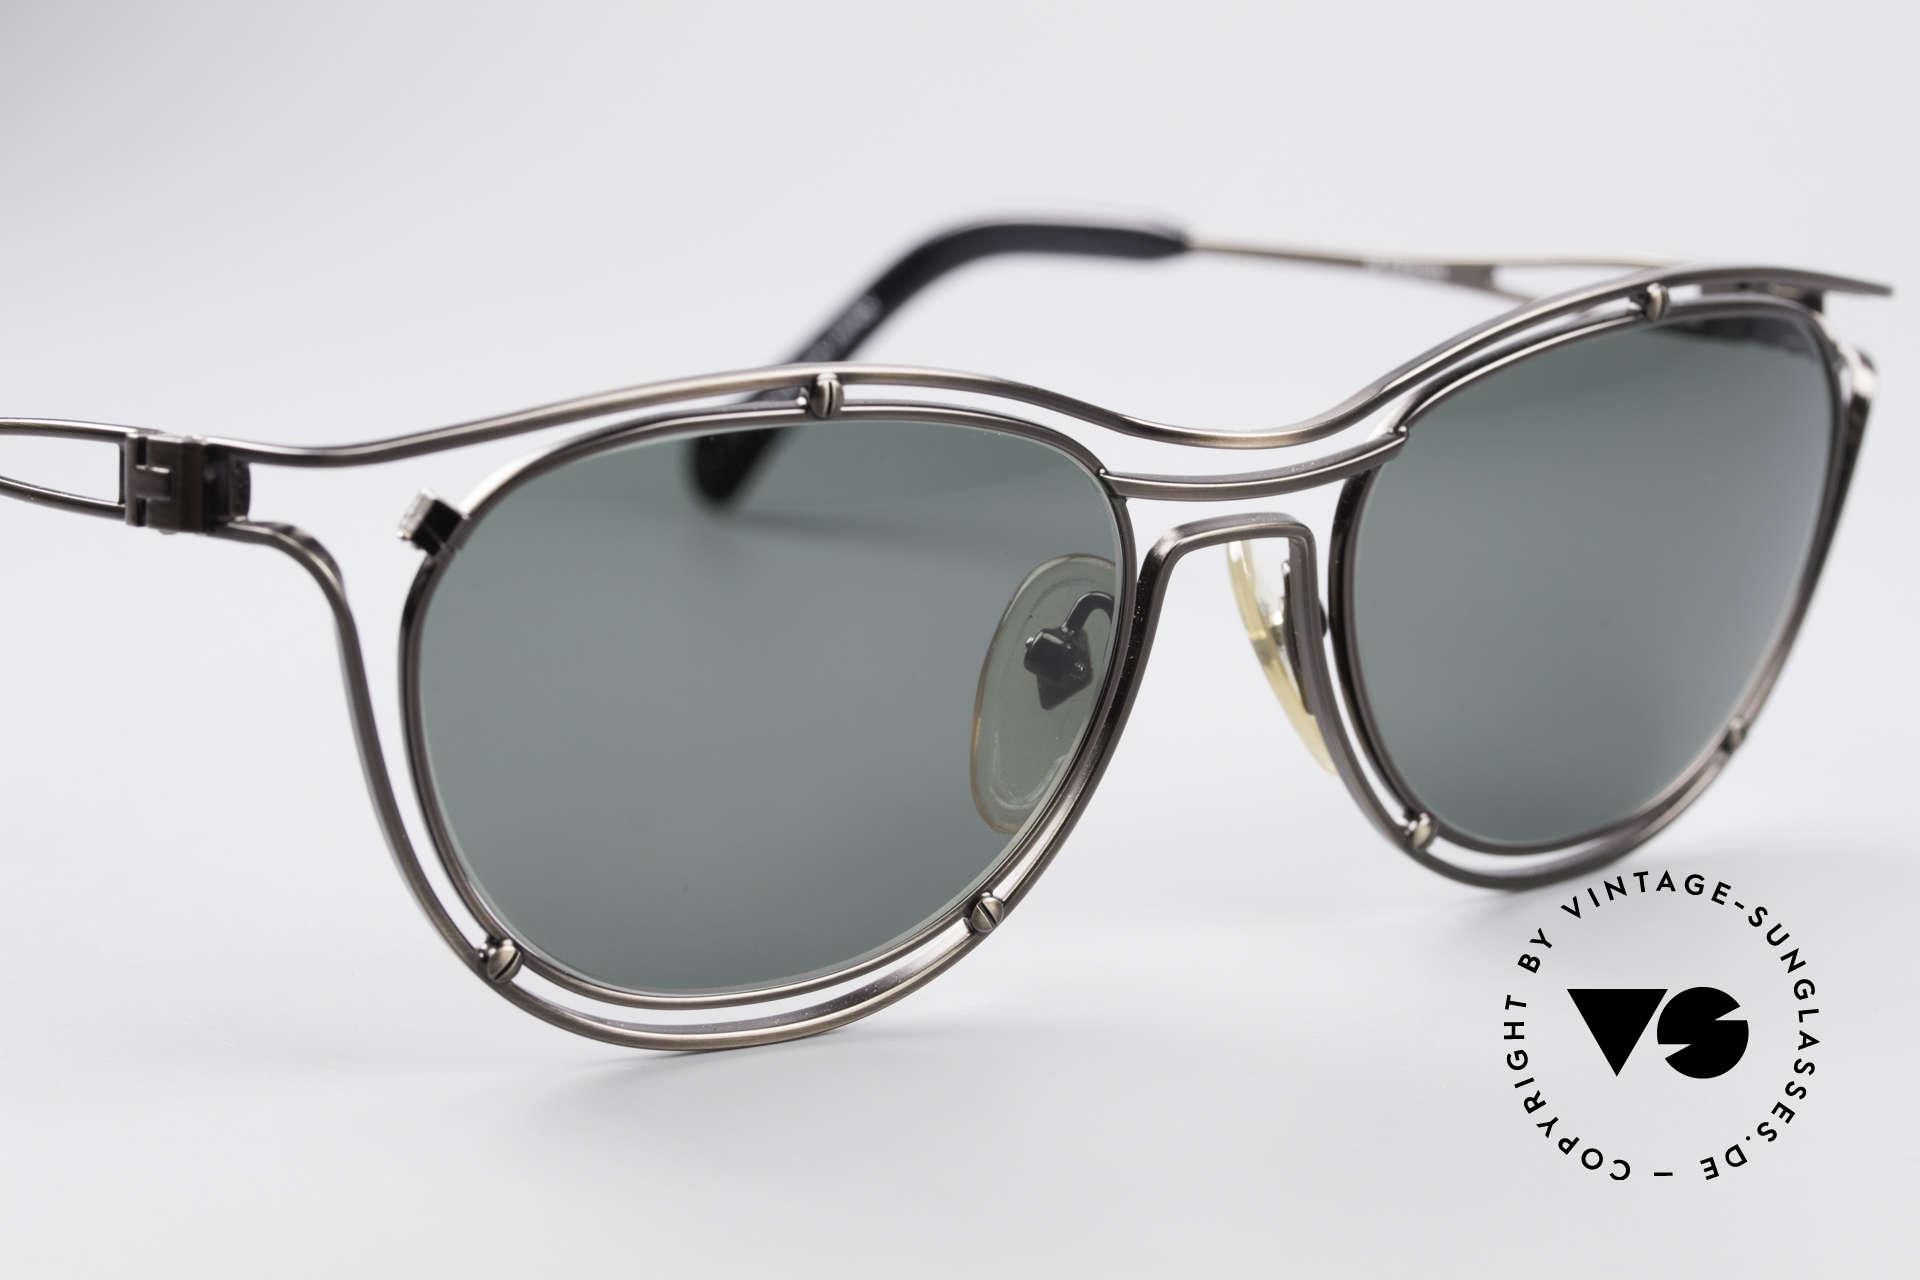 Jean Paul Gaultier 56-2176 Rare Designer Sonnenbrille, ungetragen; wie alle unsere 90er JPG Sonnenbrillen, Passend für Herren und Damen